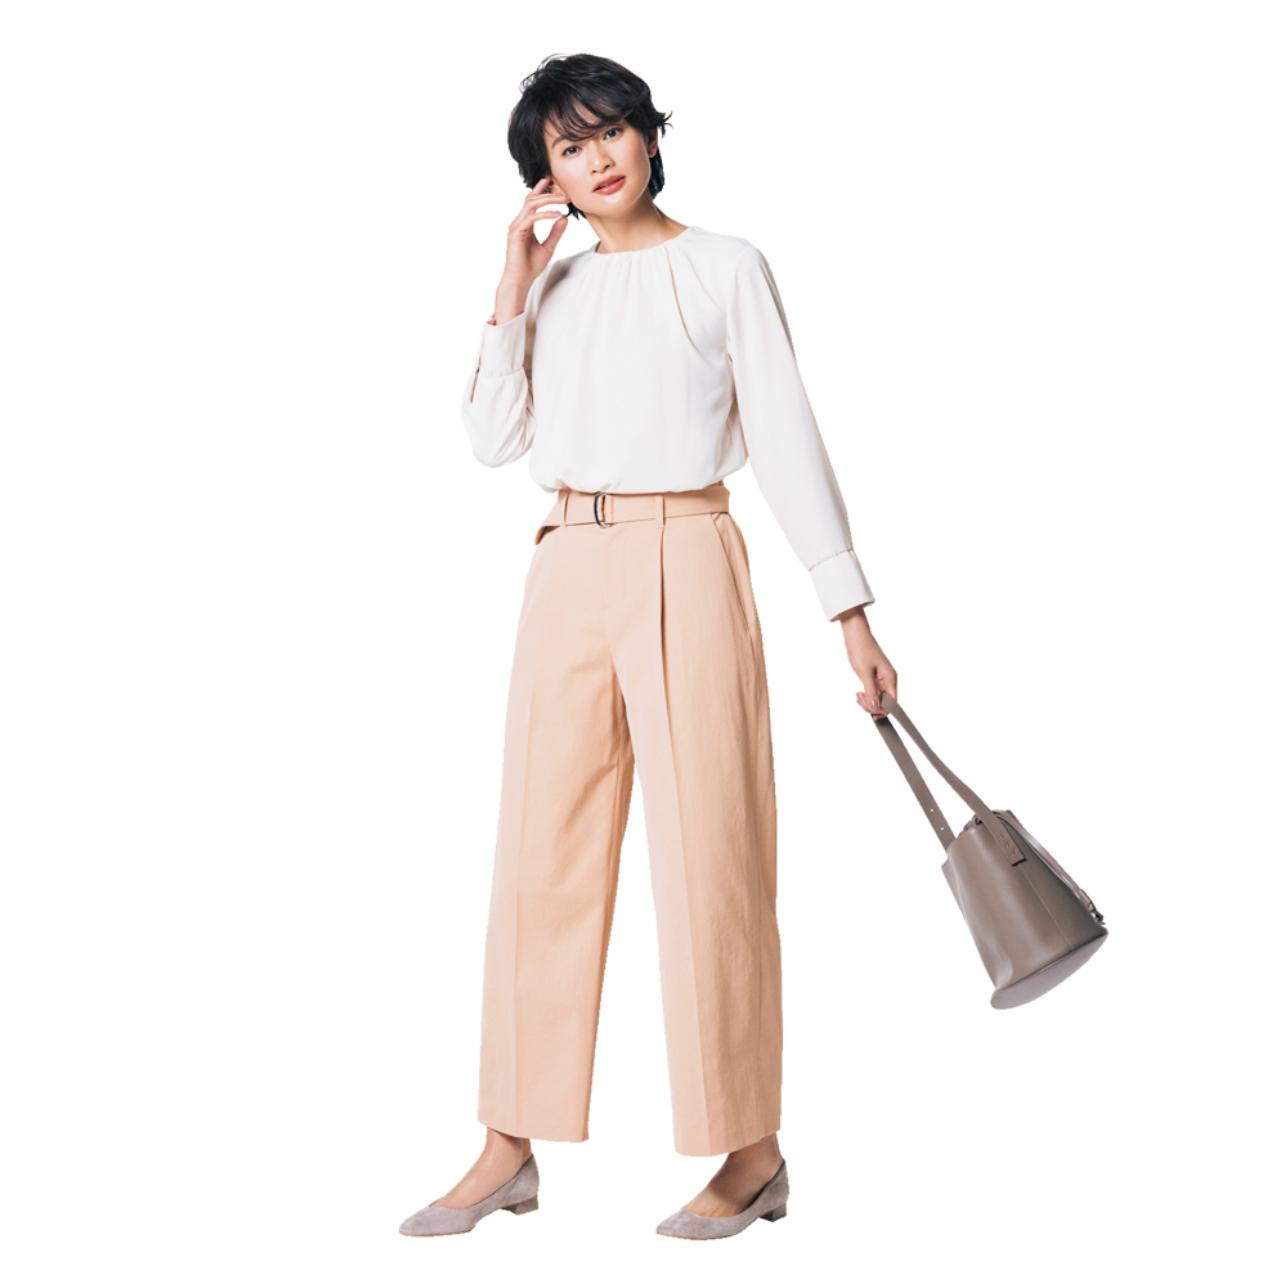 ピンクパンツ×白ブラウスのファッションコーデ